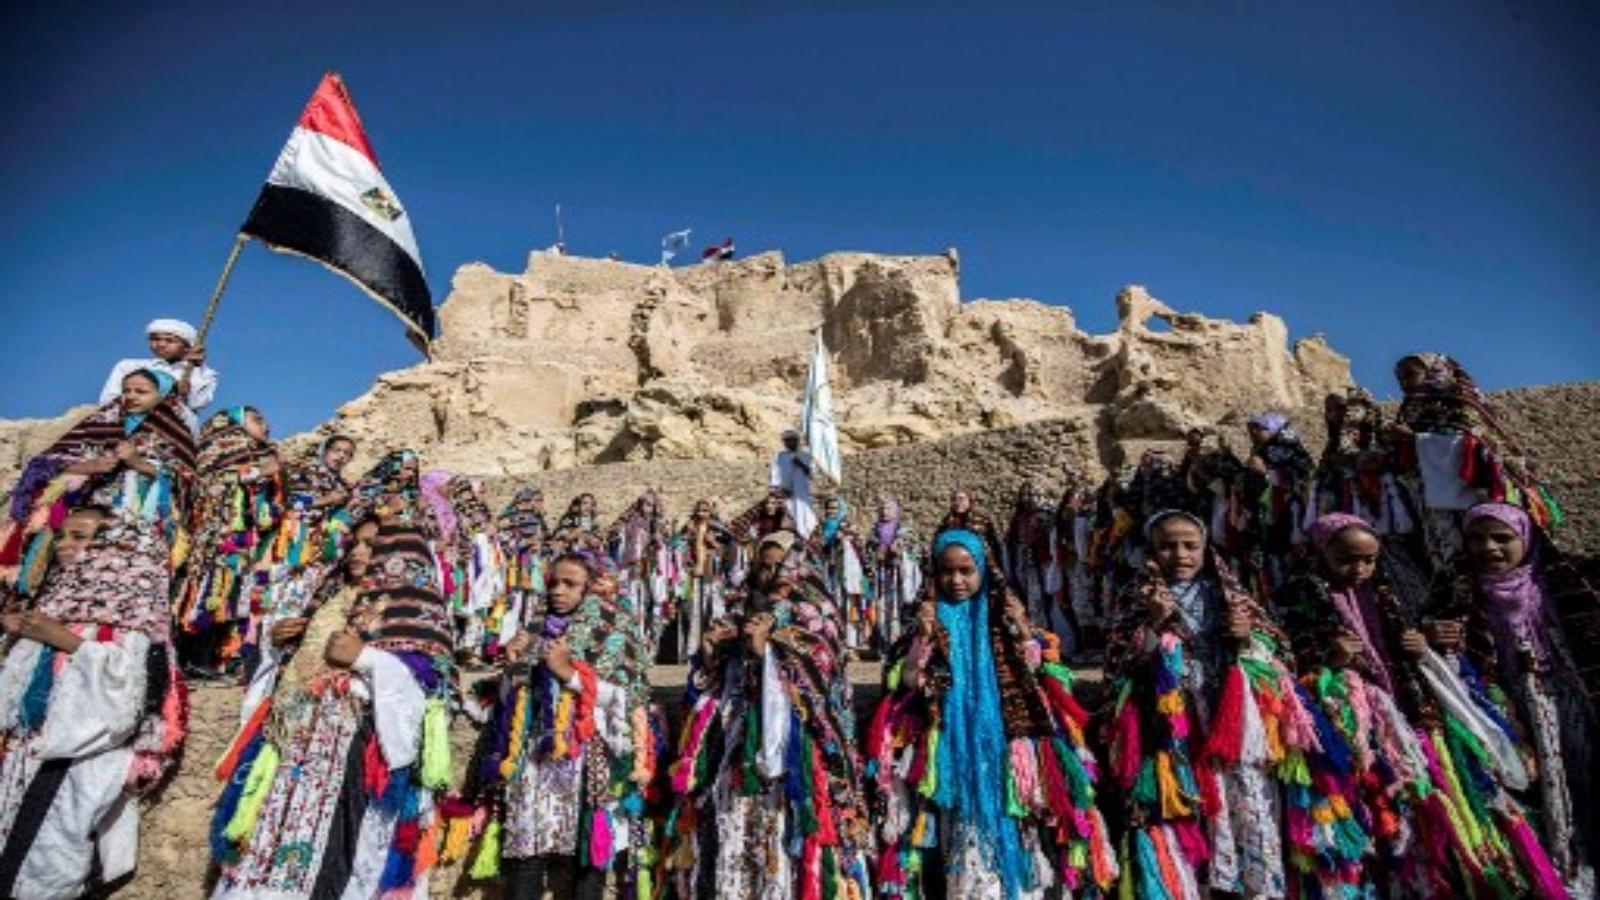 أطفال مدارس يرتدون ملابس تقليدية يجتمعون خلال احتفال بمناسبة افتتاح حصن شالي بعد ترميمه في واحة سيوة الصحراوية في مصرعلى بعد 600 كيلومتر جنوب غرب العاصمة القاهرة في 6 نوفمبر 2020.